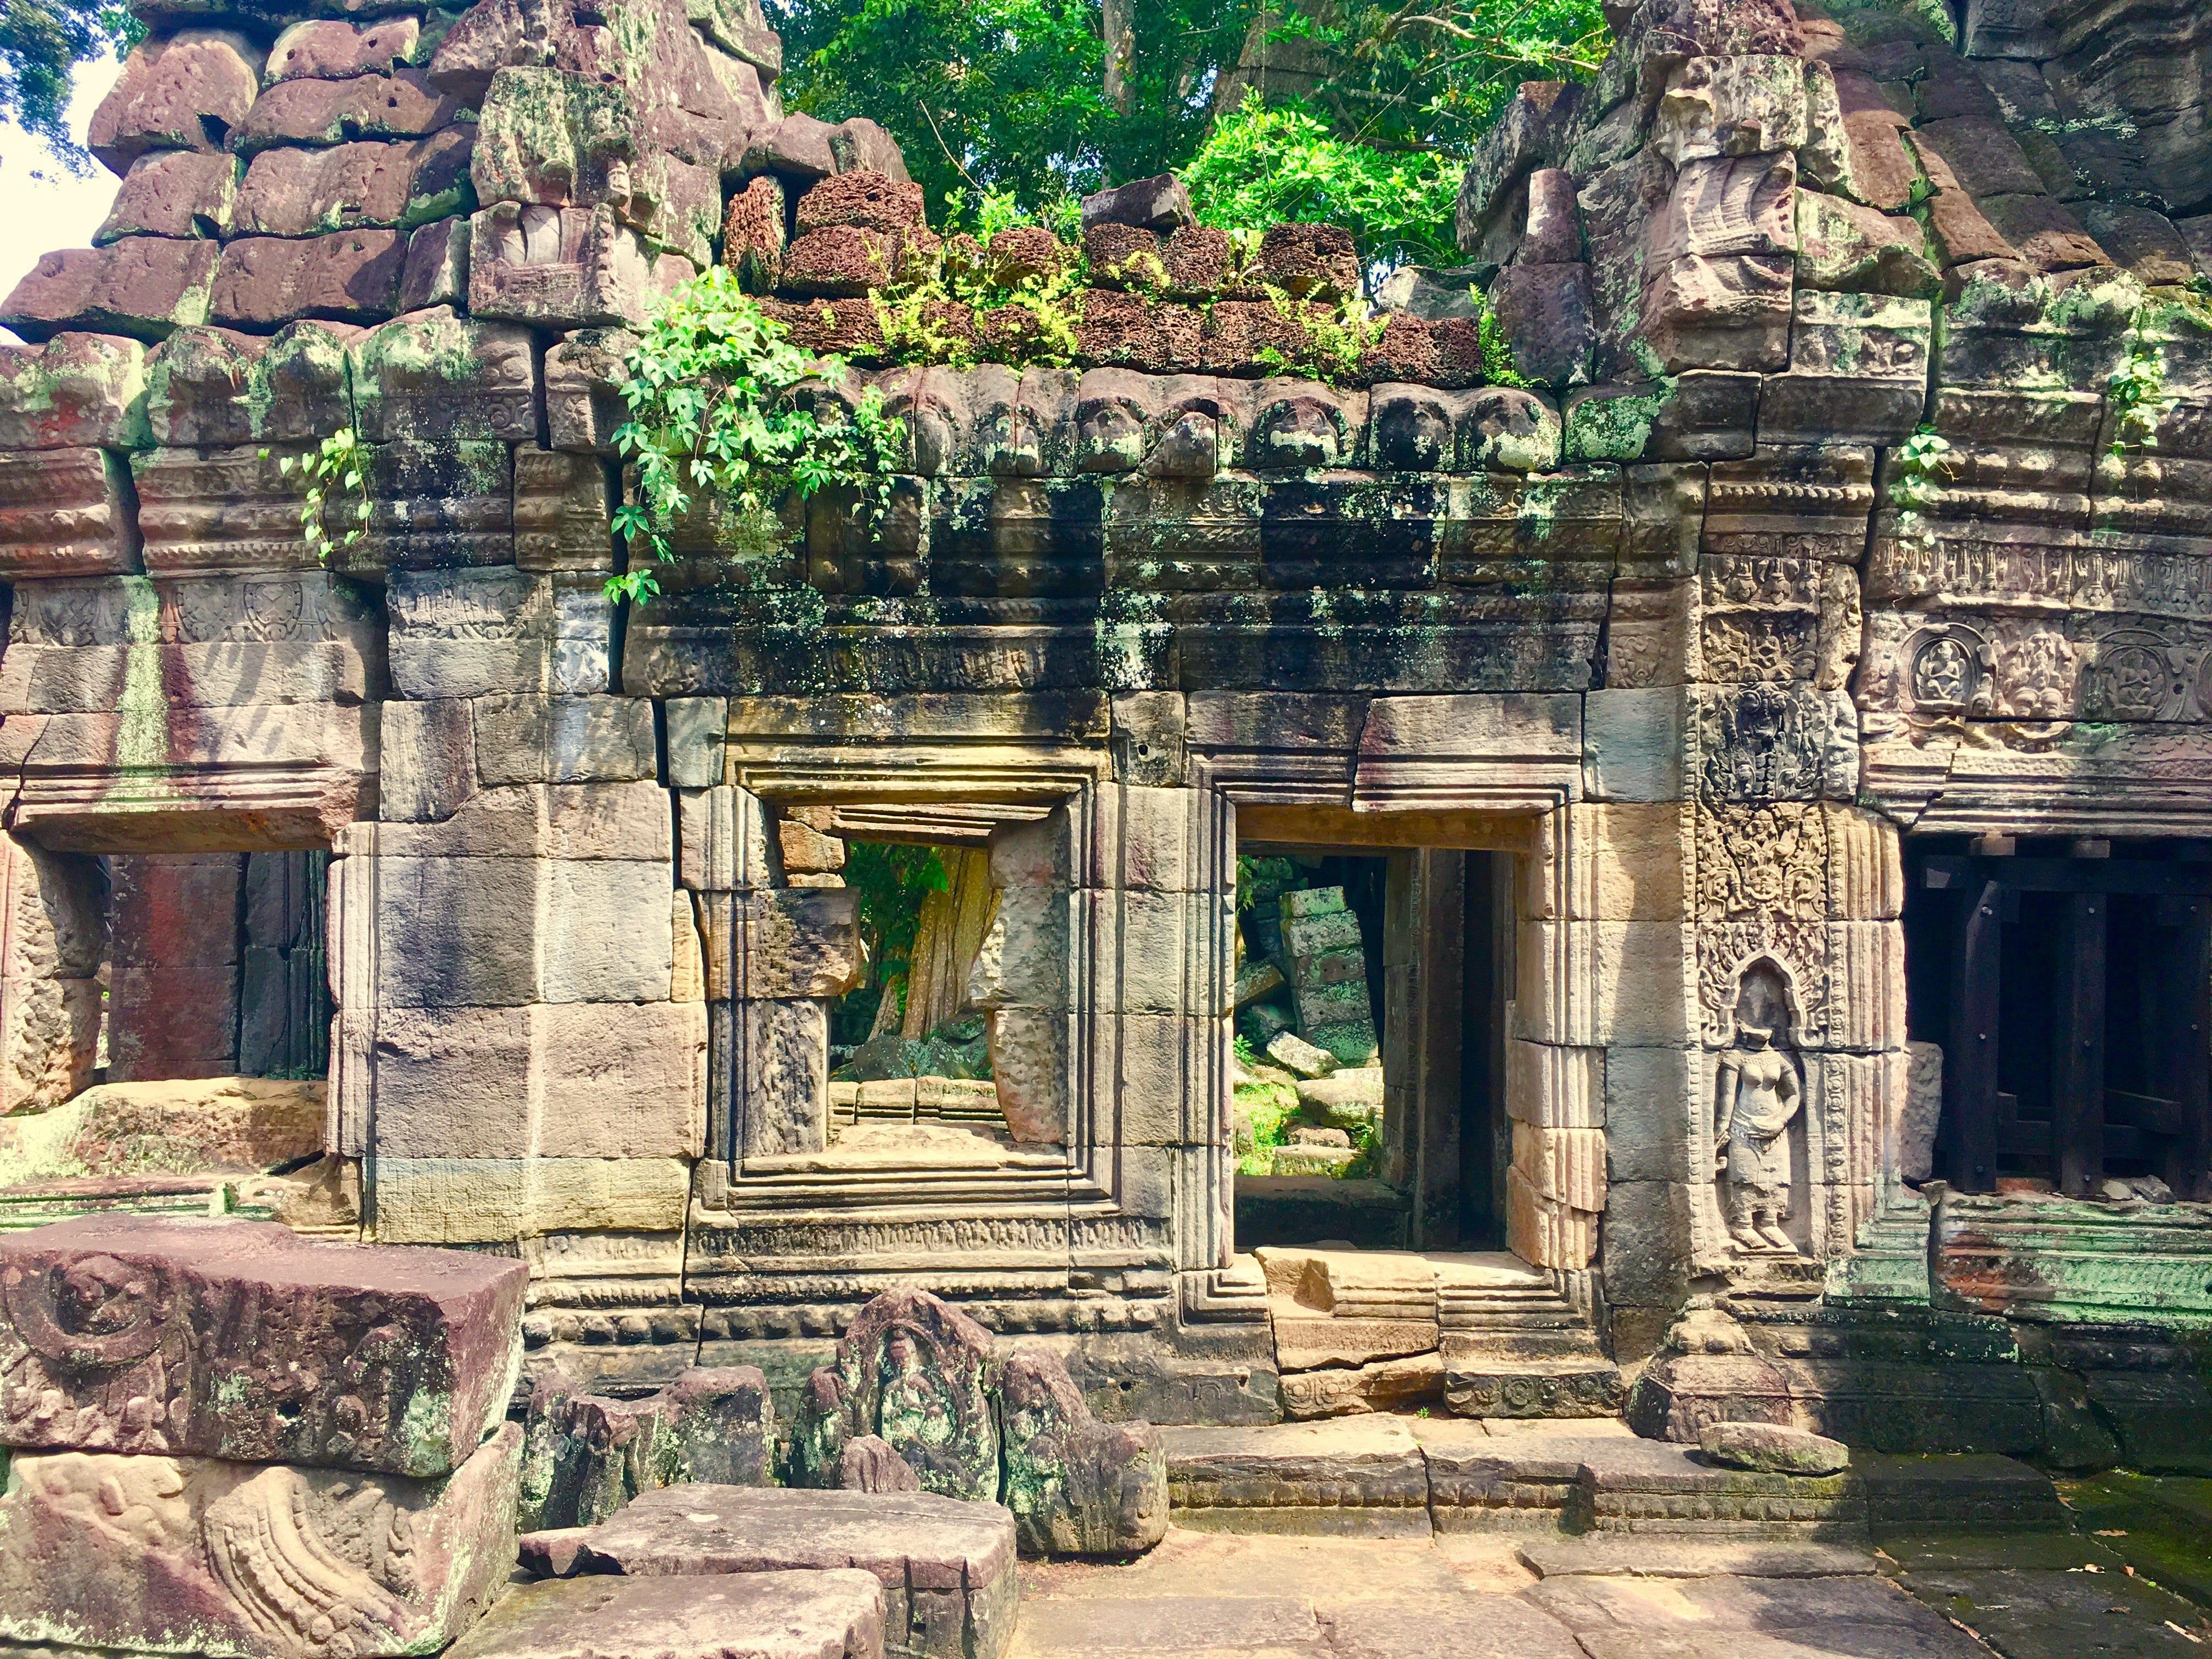 alles wat je moet weten voordat je de tempels van angkor bezoekt